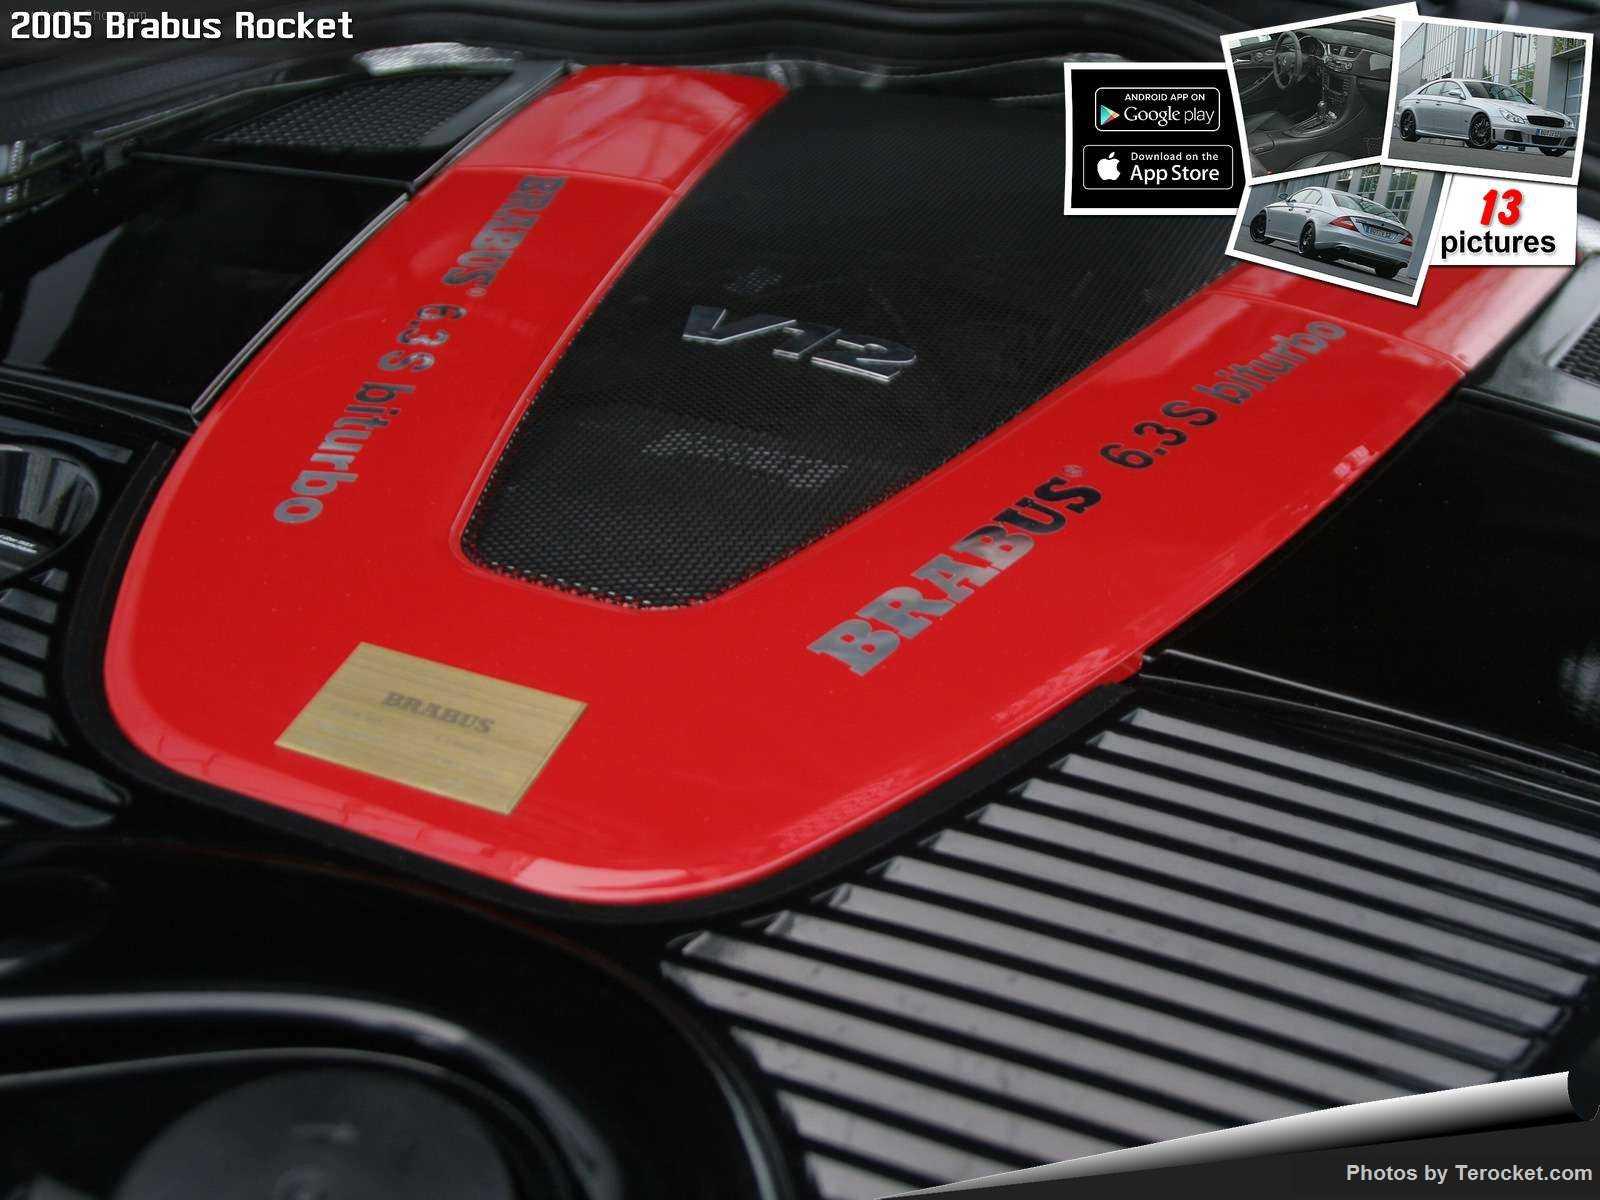 Hình ảnh xe ô tô Brabus Rocket 2005 & nội ngoại thất